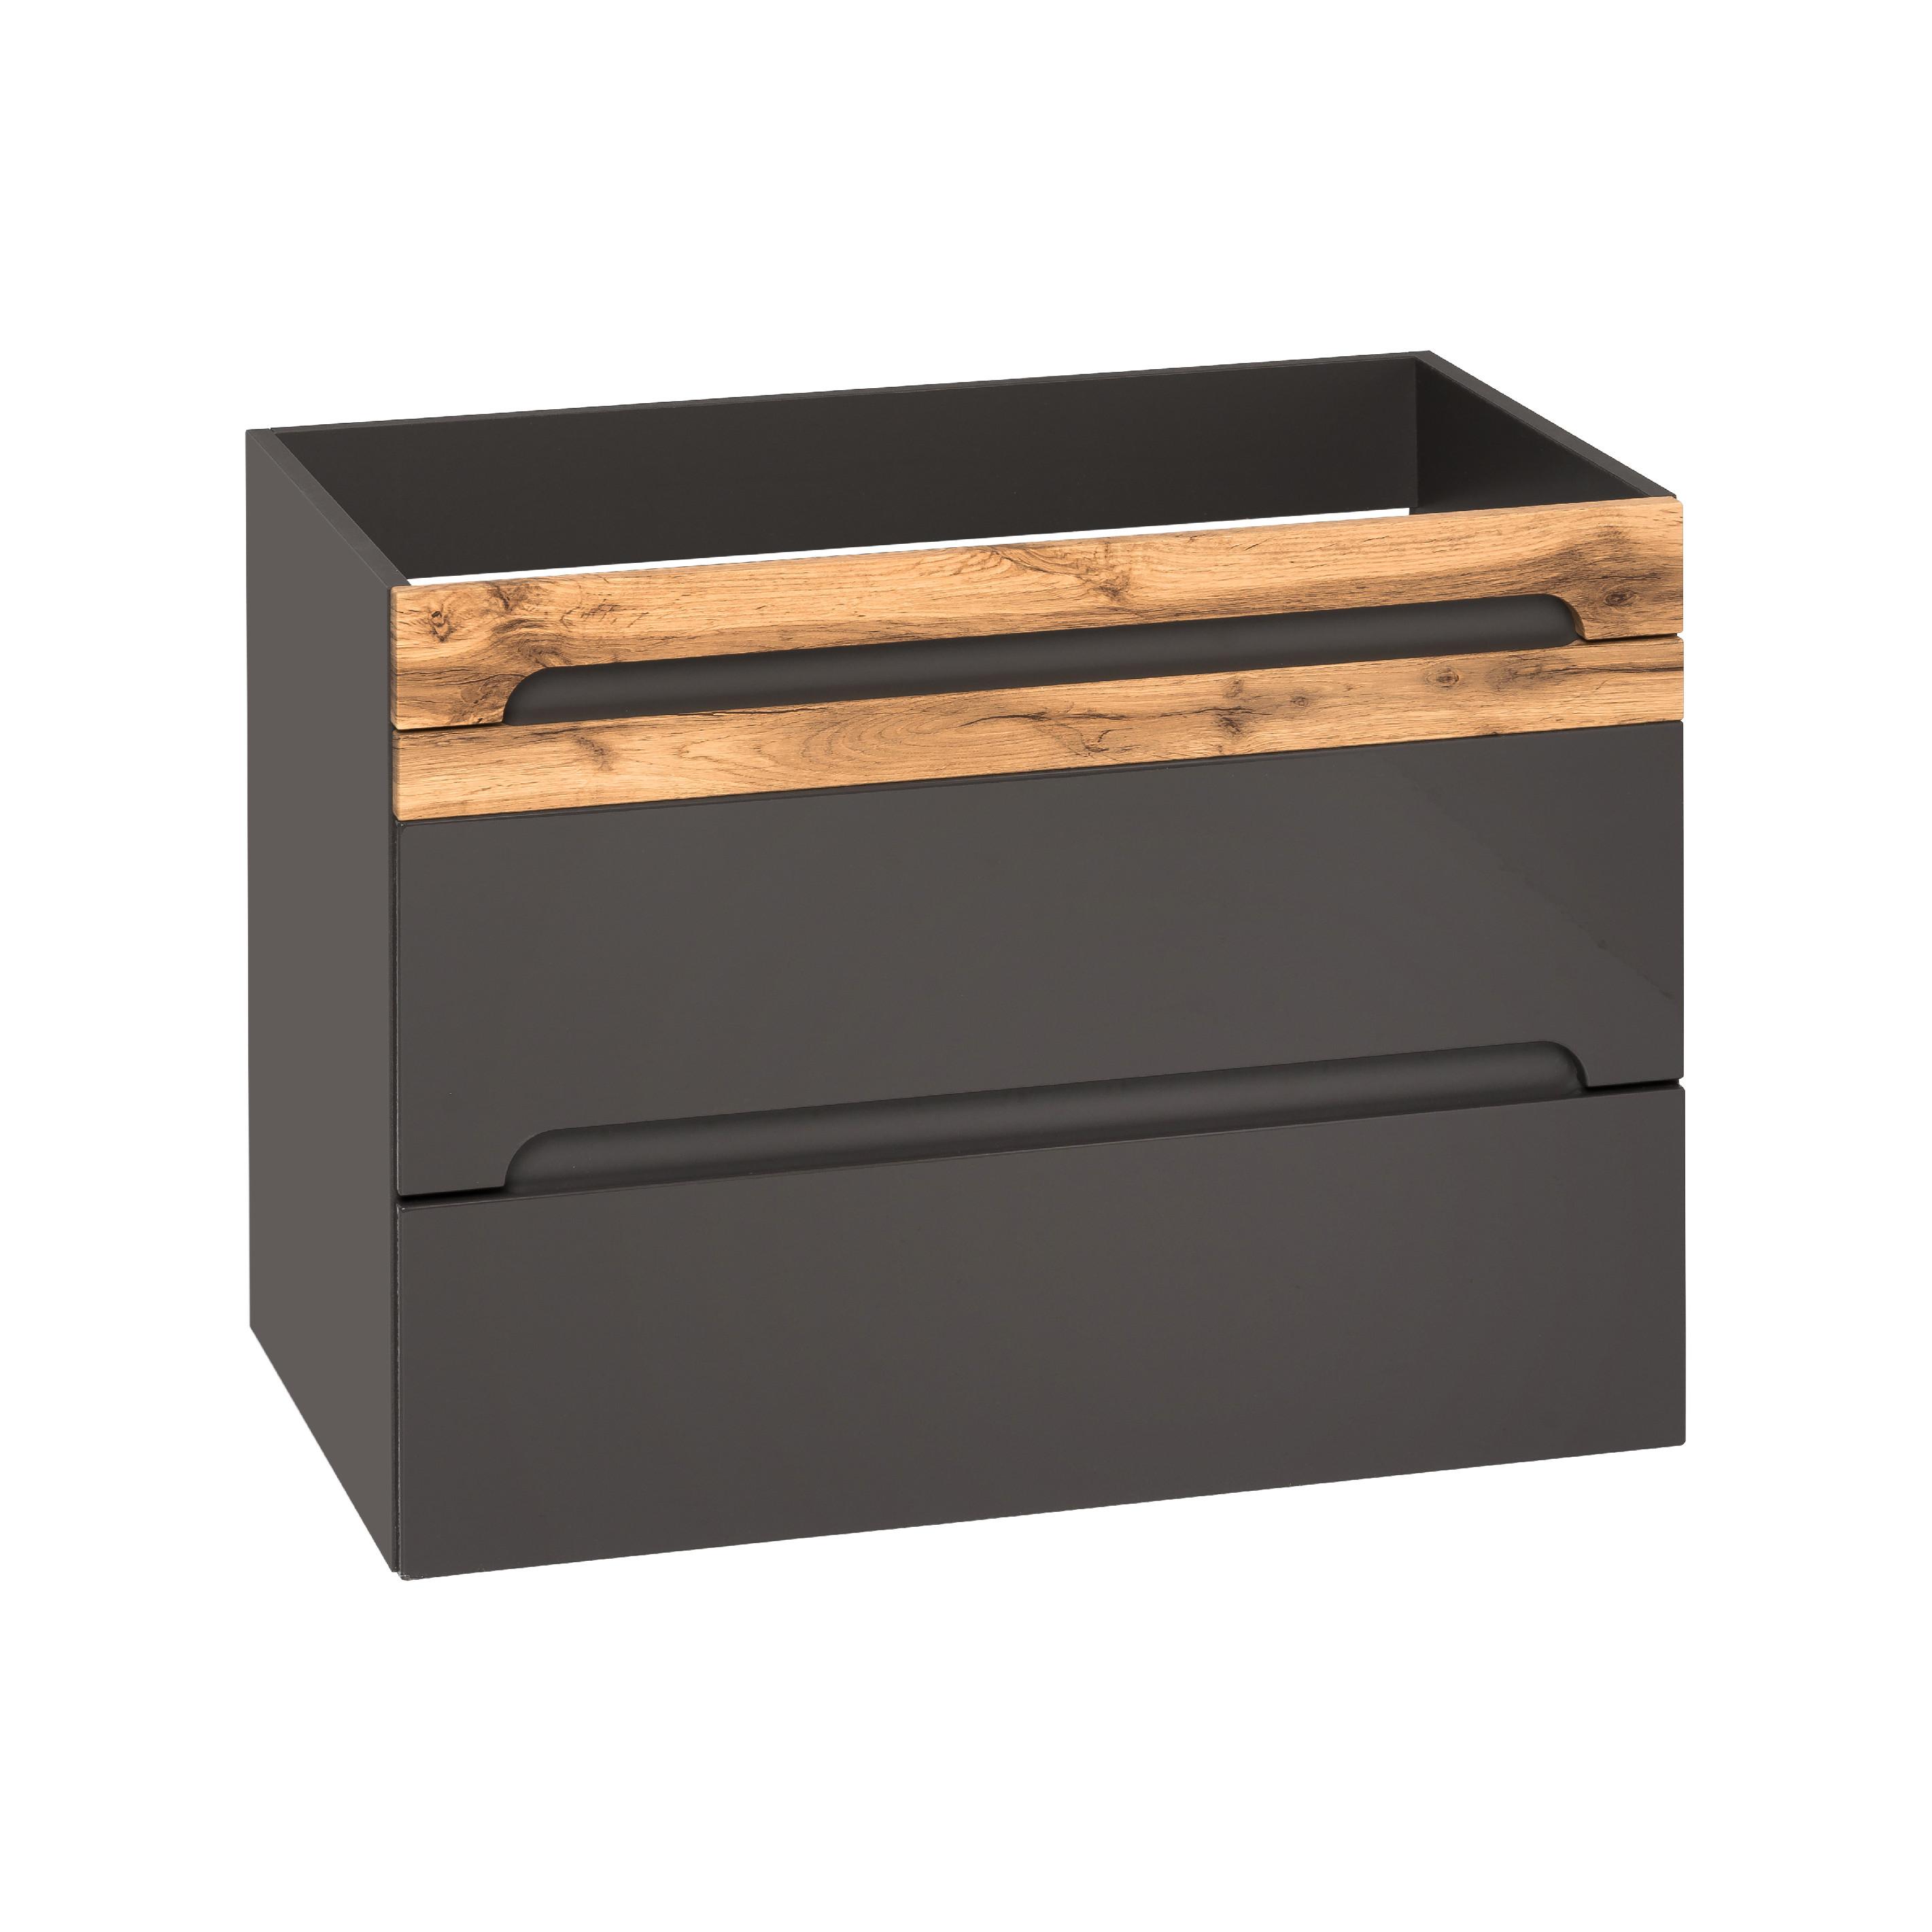 ArtCom Kúpelňová zostava GALAXY Grafit Galaxy: skrinka nízka 810 - (67 x 35 x 33 cm)